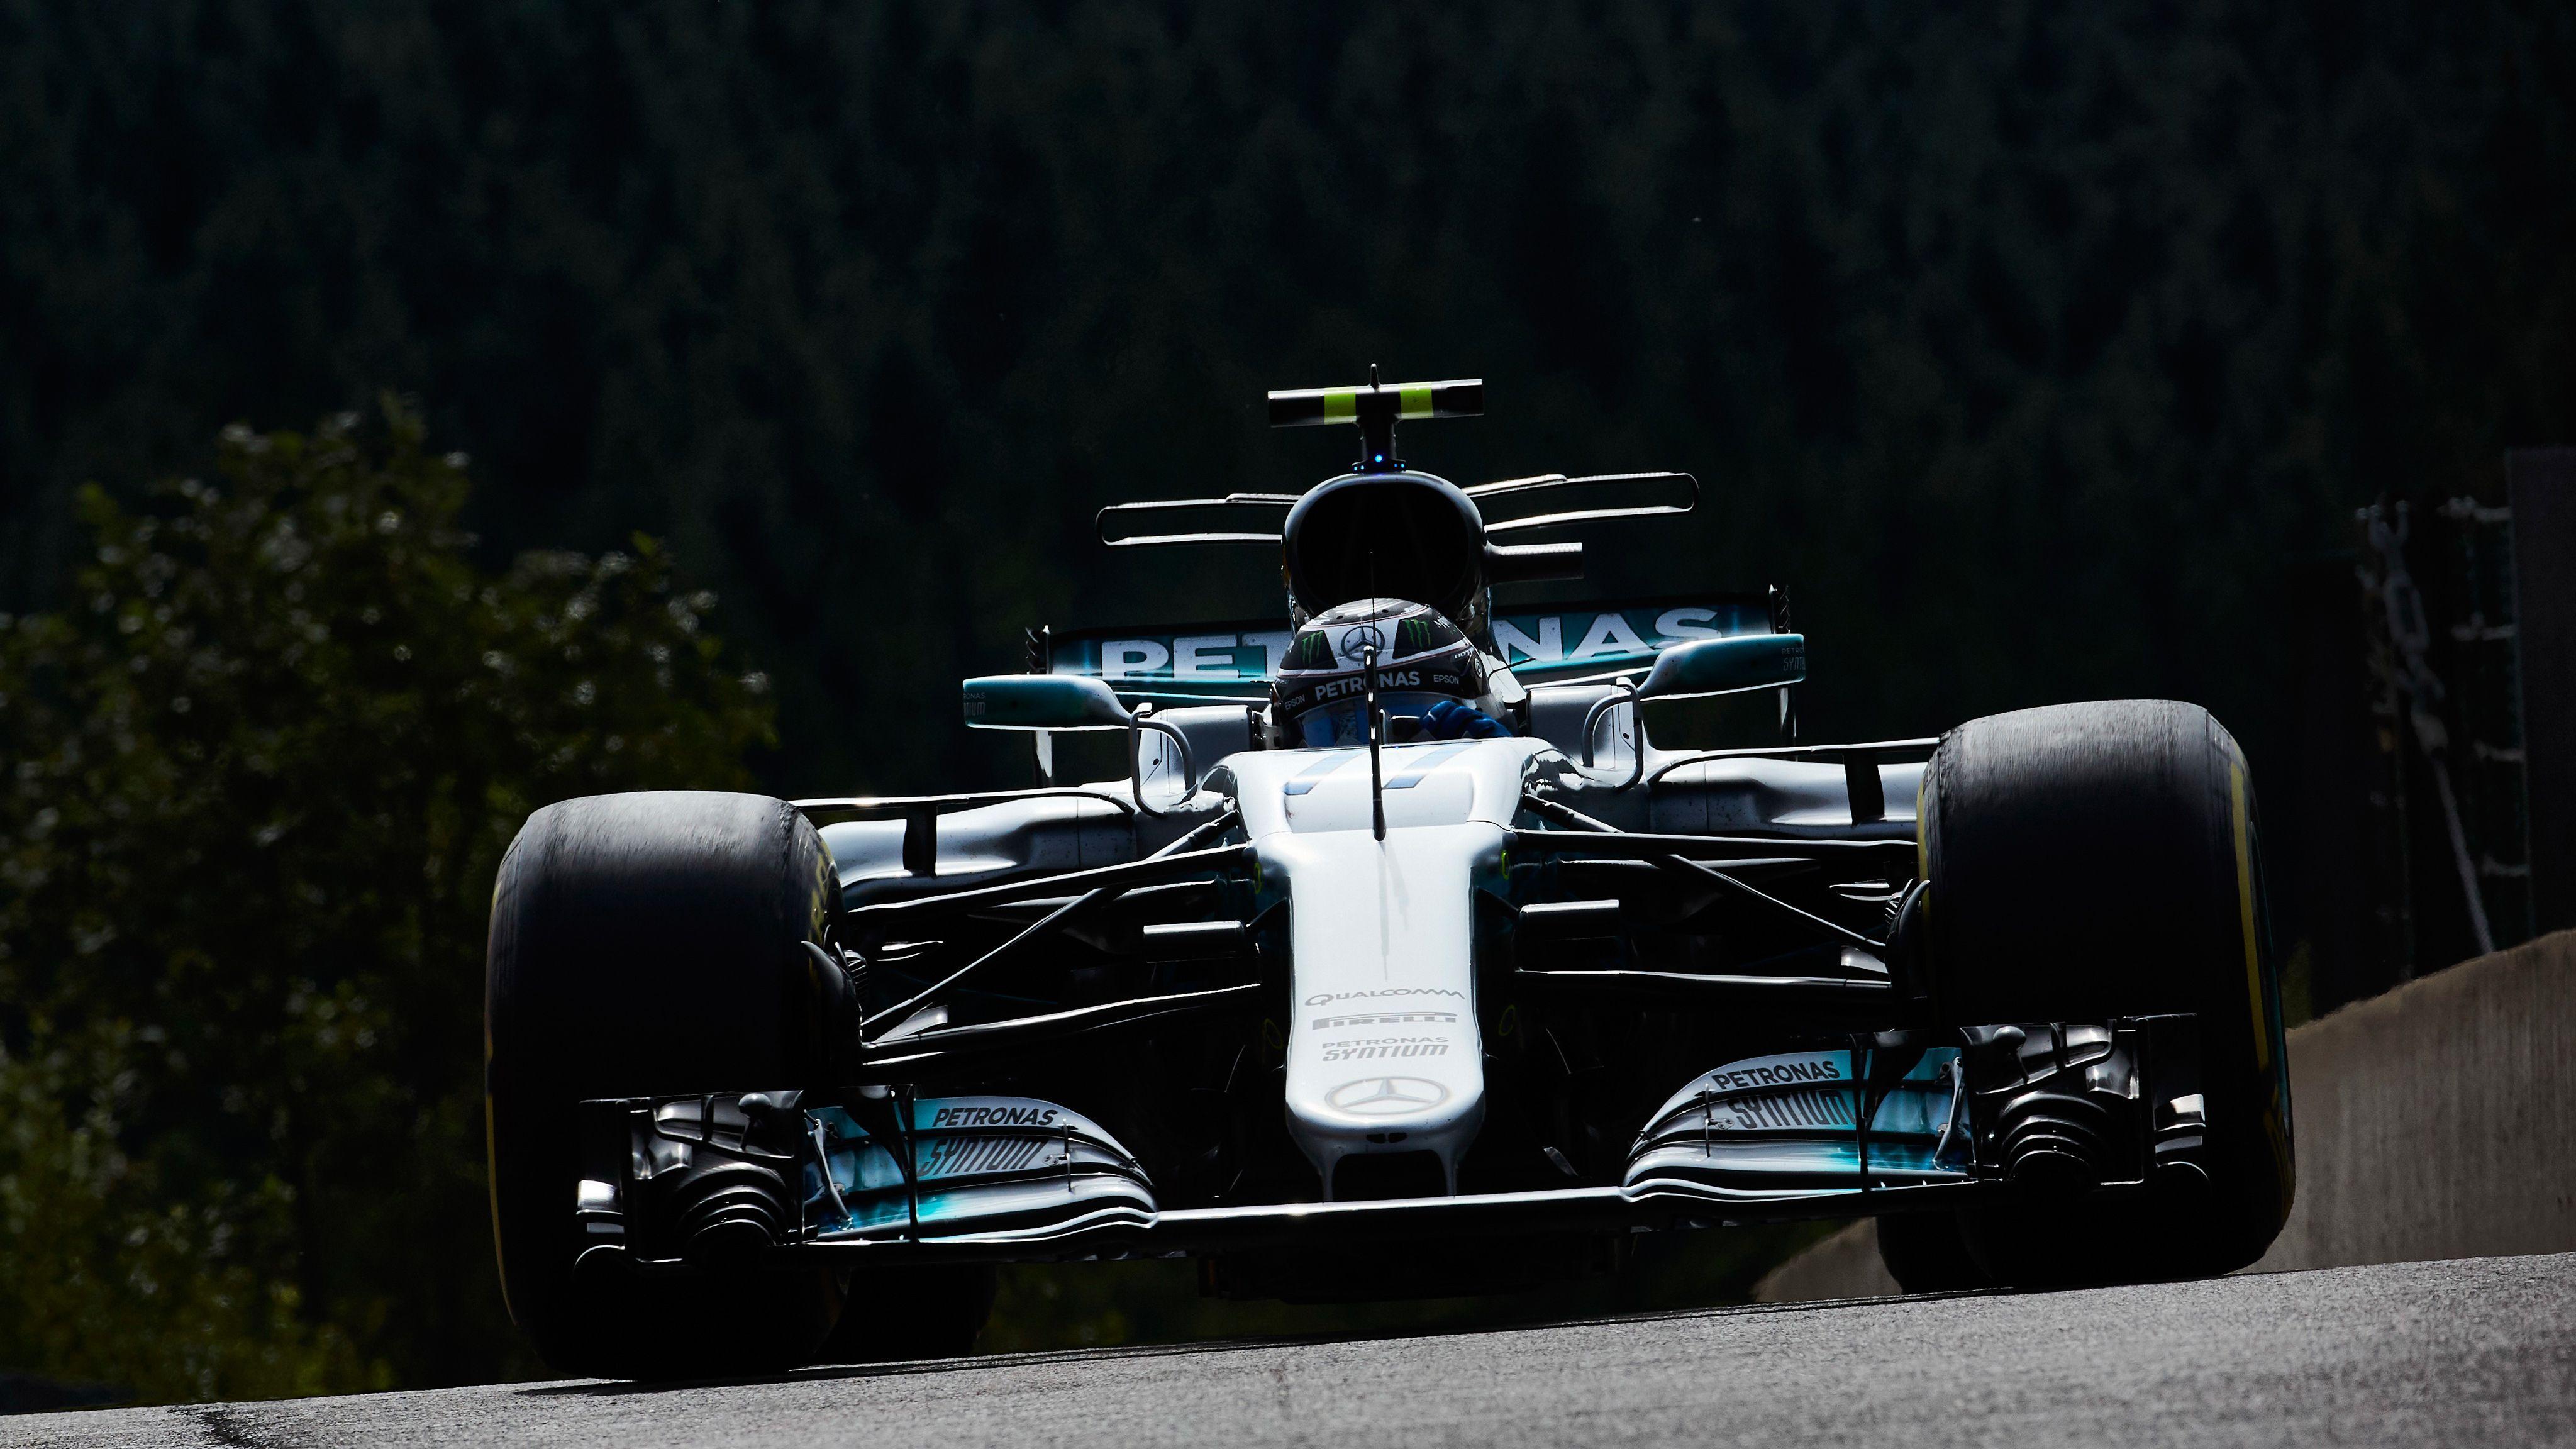 Mercedes Amg Petronas F1 Hd Hintergrundbilder 4k: Mercedes-Benz Petronas Wallpapers